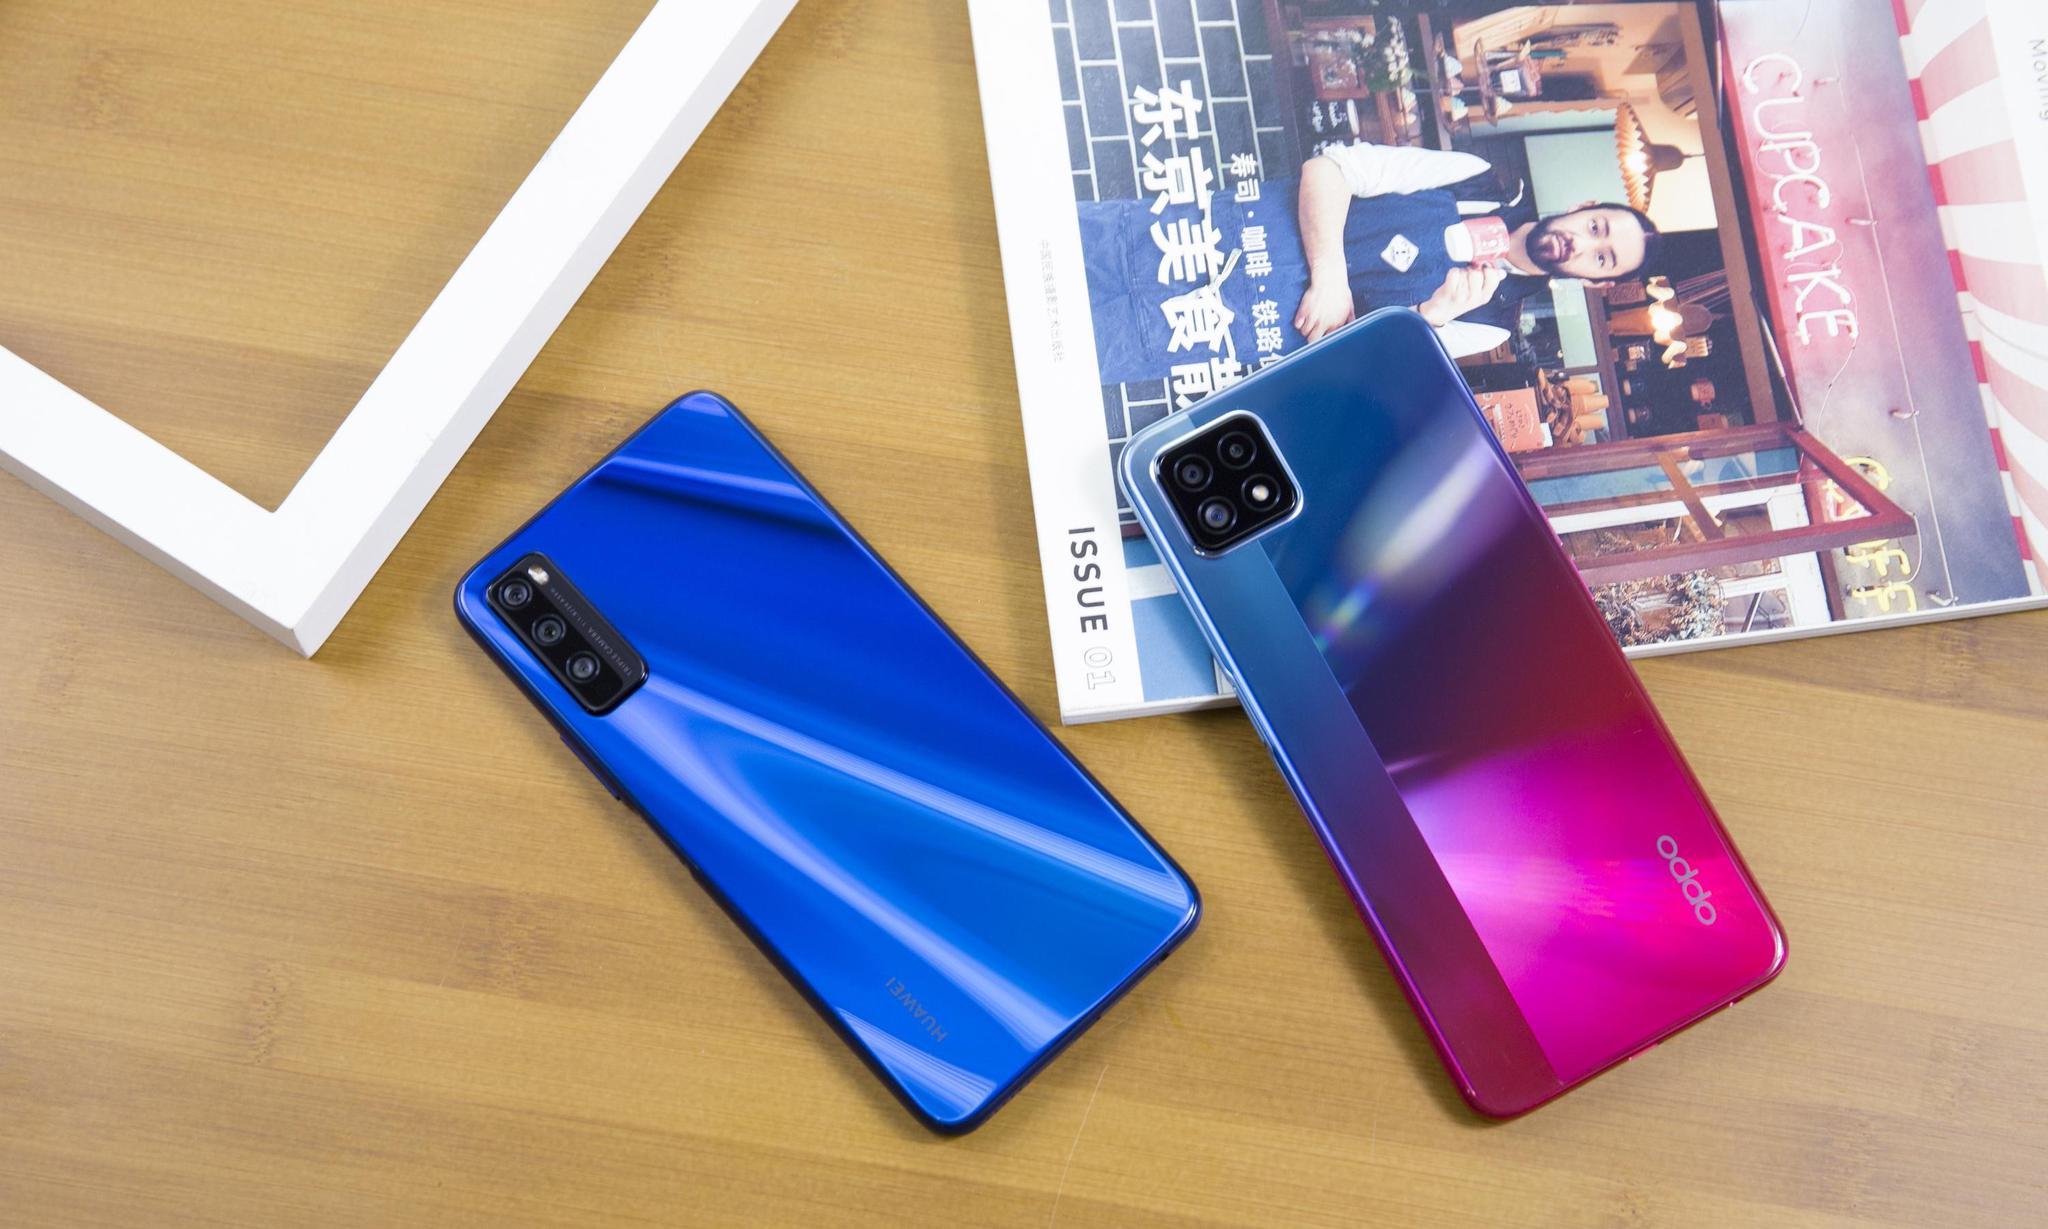 OPPO华为千元5G手机对比,为何我最终选择了OPPO?